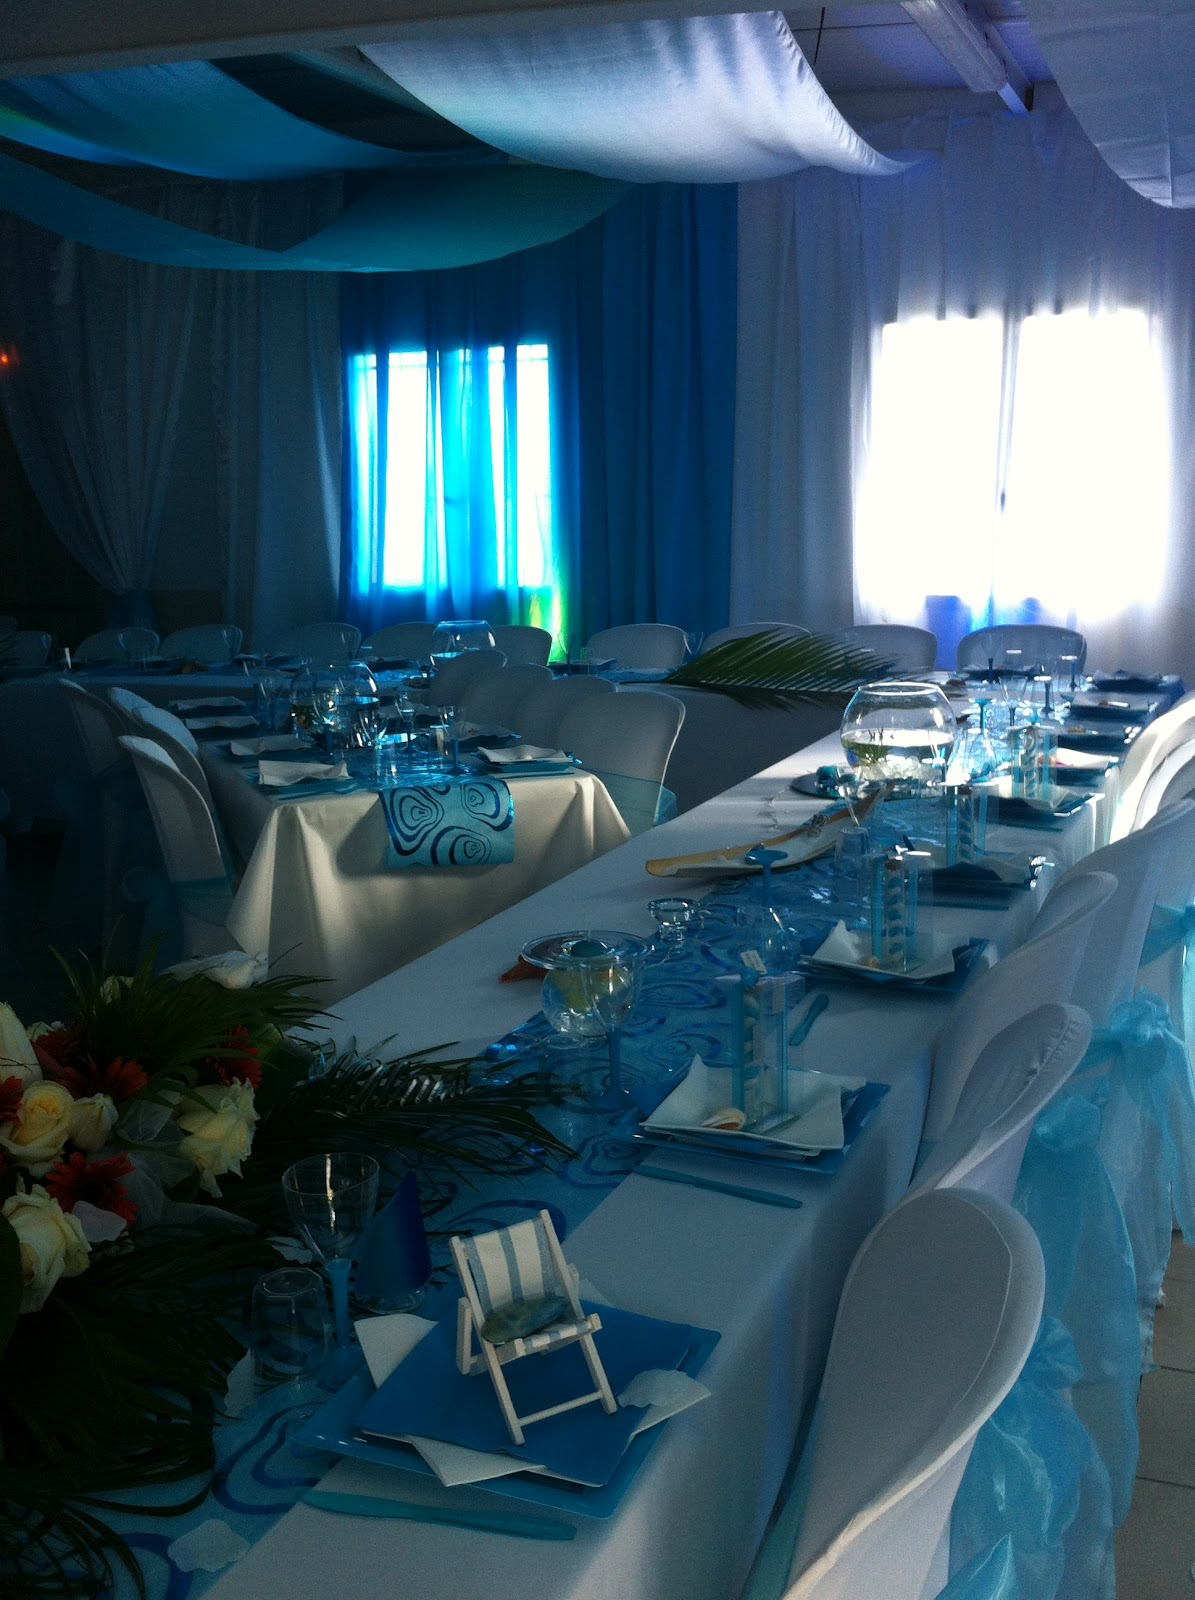 decoration pour salle mariage fete reception septembre 2012. Black Bedroom Furniture Sets. Home Design Ideas